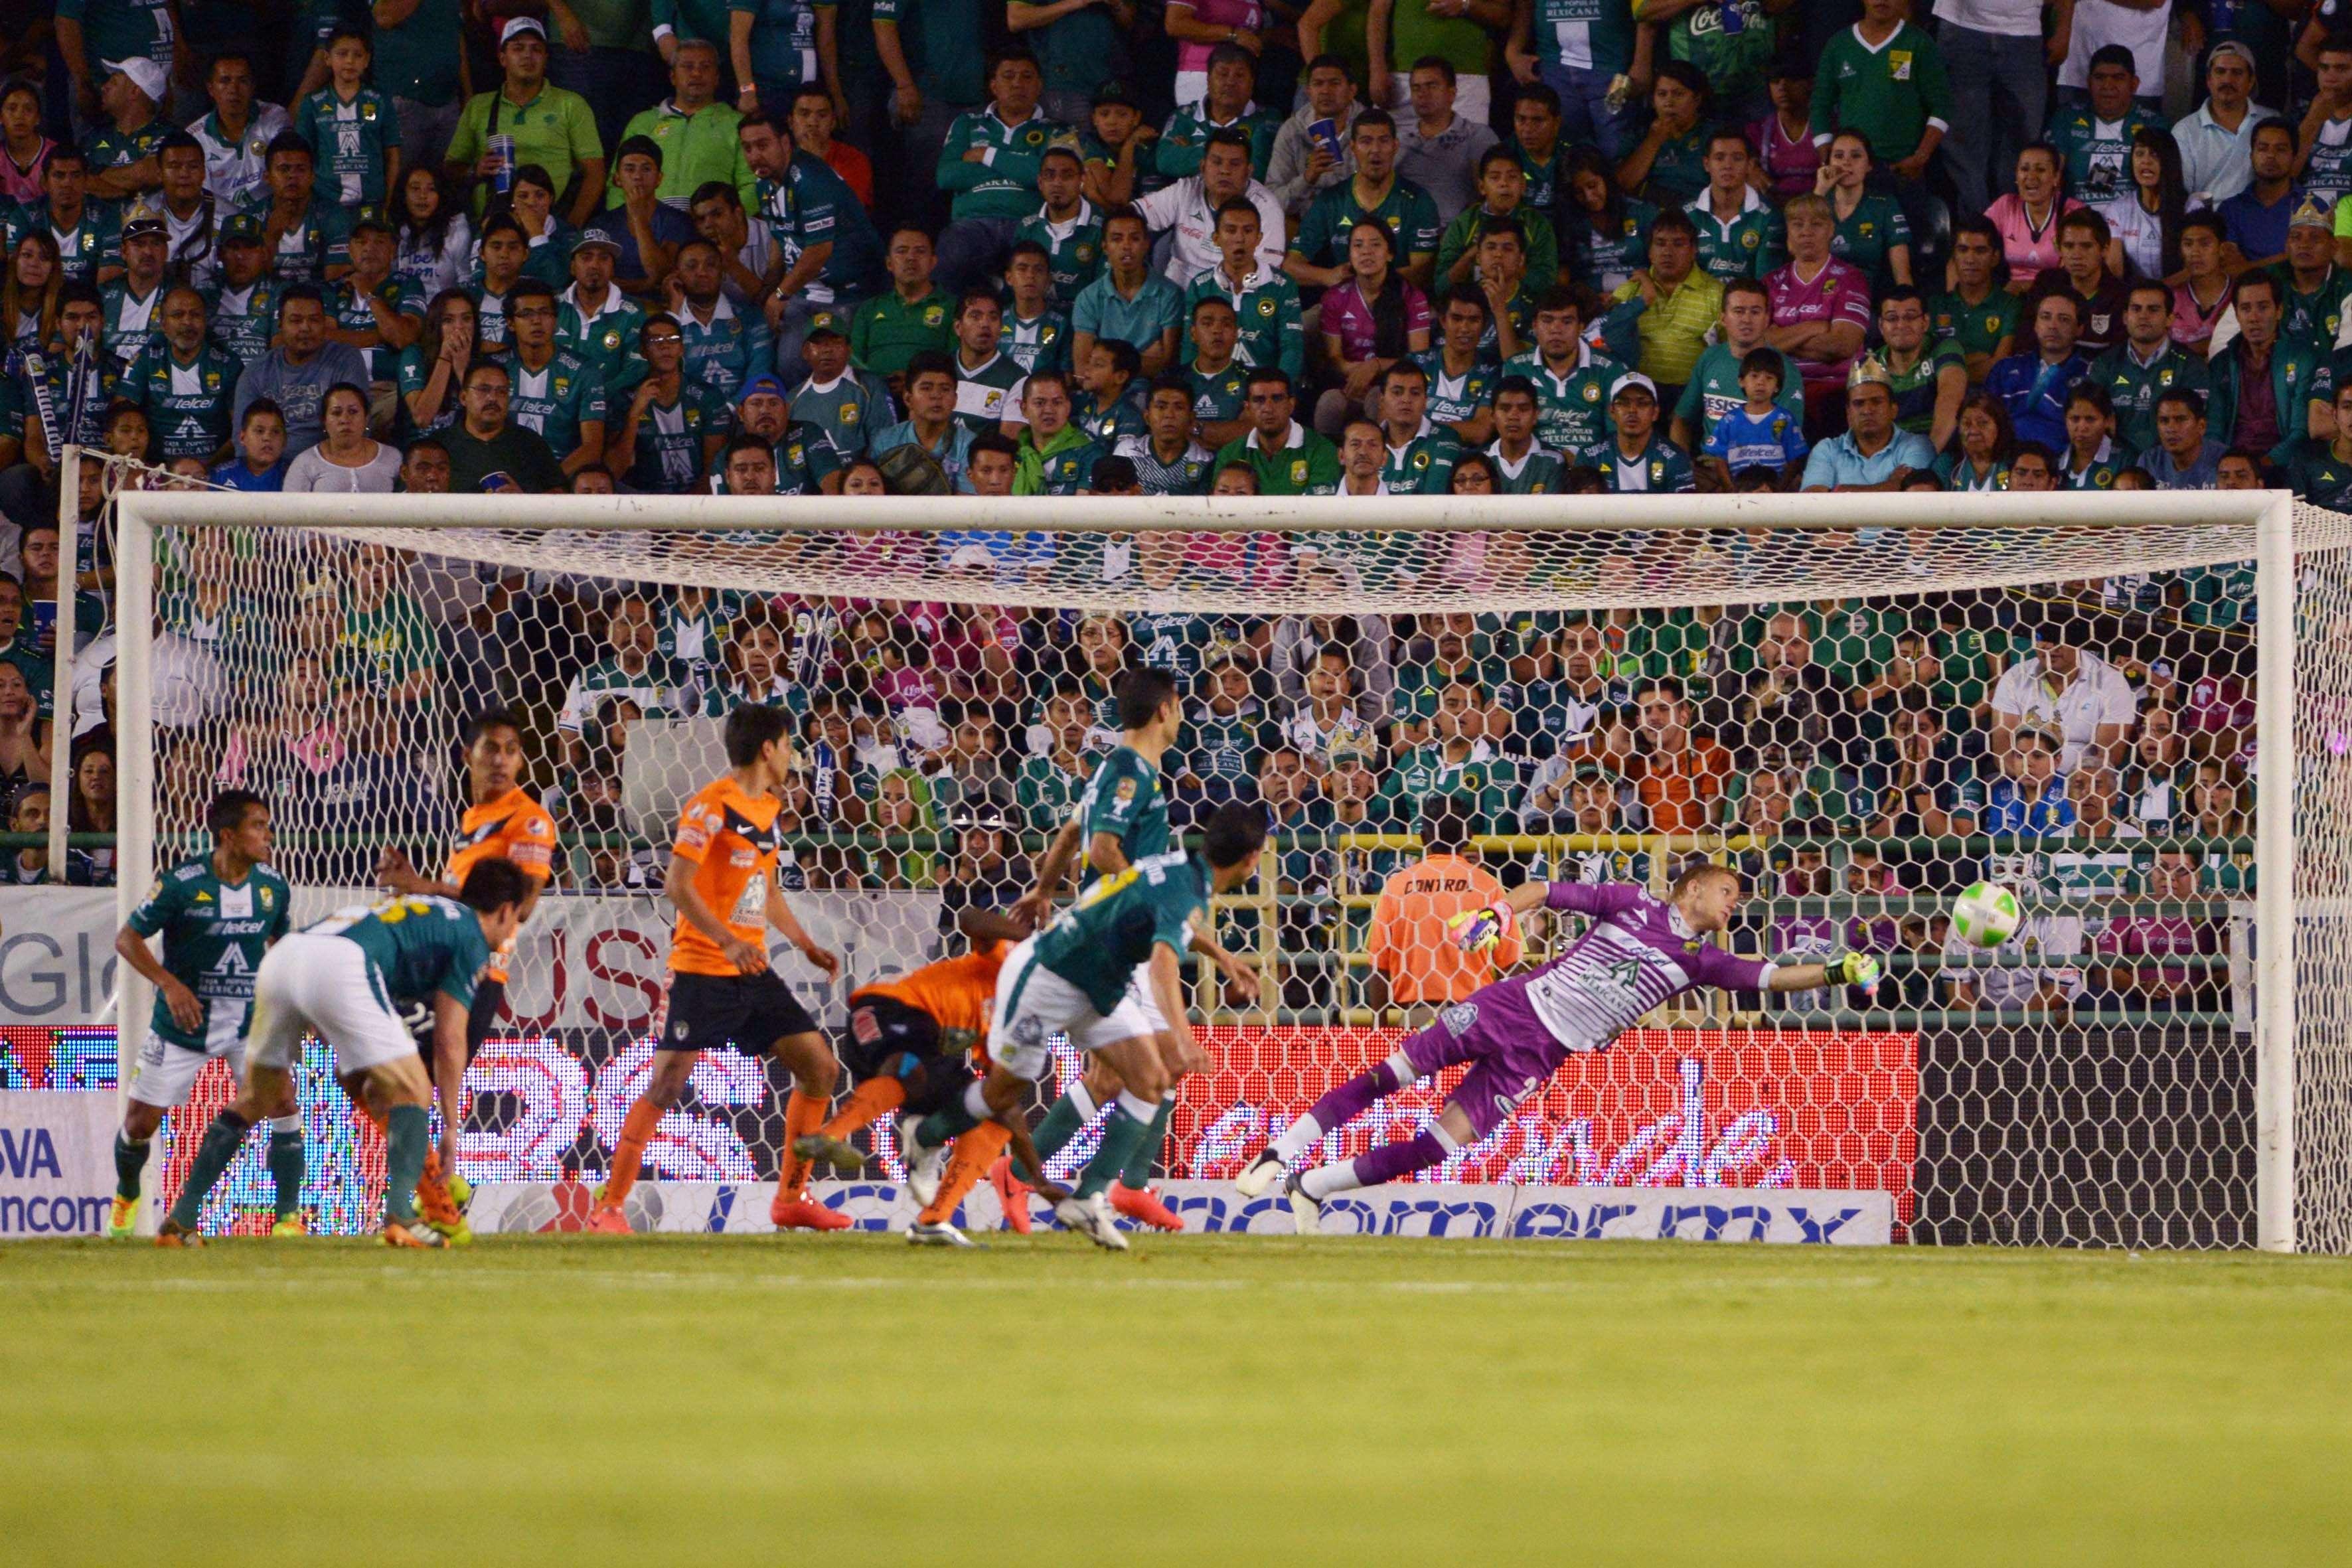 Liga Bancomer MX Clausura 2014 - TelevisaDeportes.com